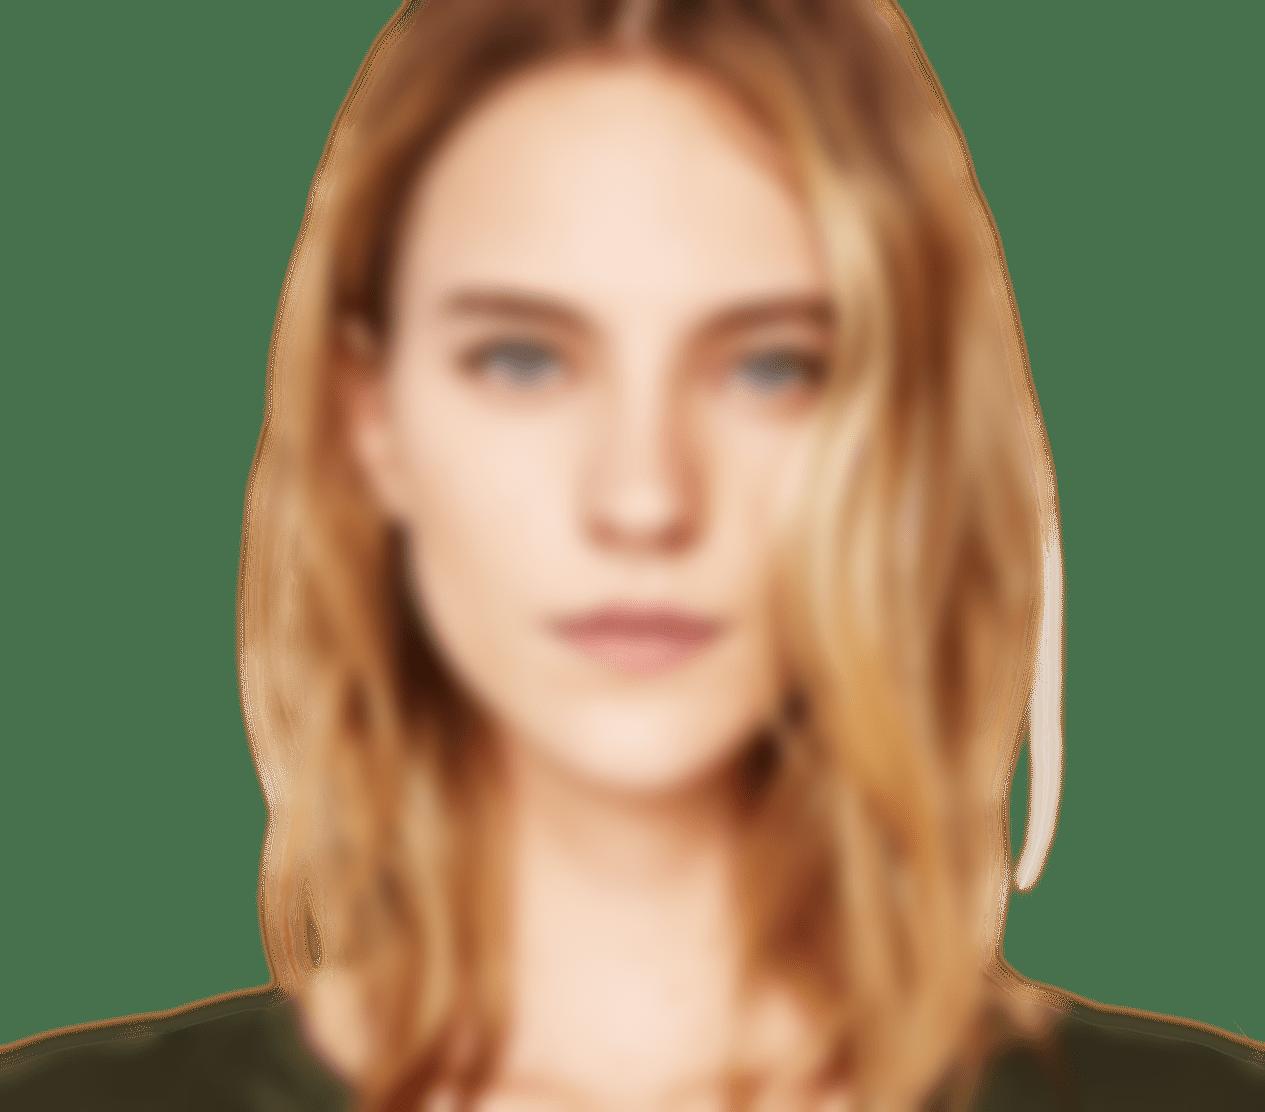 بررسی دقیق ویژگی ها و خرید ماسک صورت جلبک - خانم دکتر فاطمه عیدی قلعه قاضی